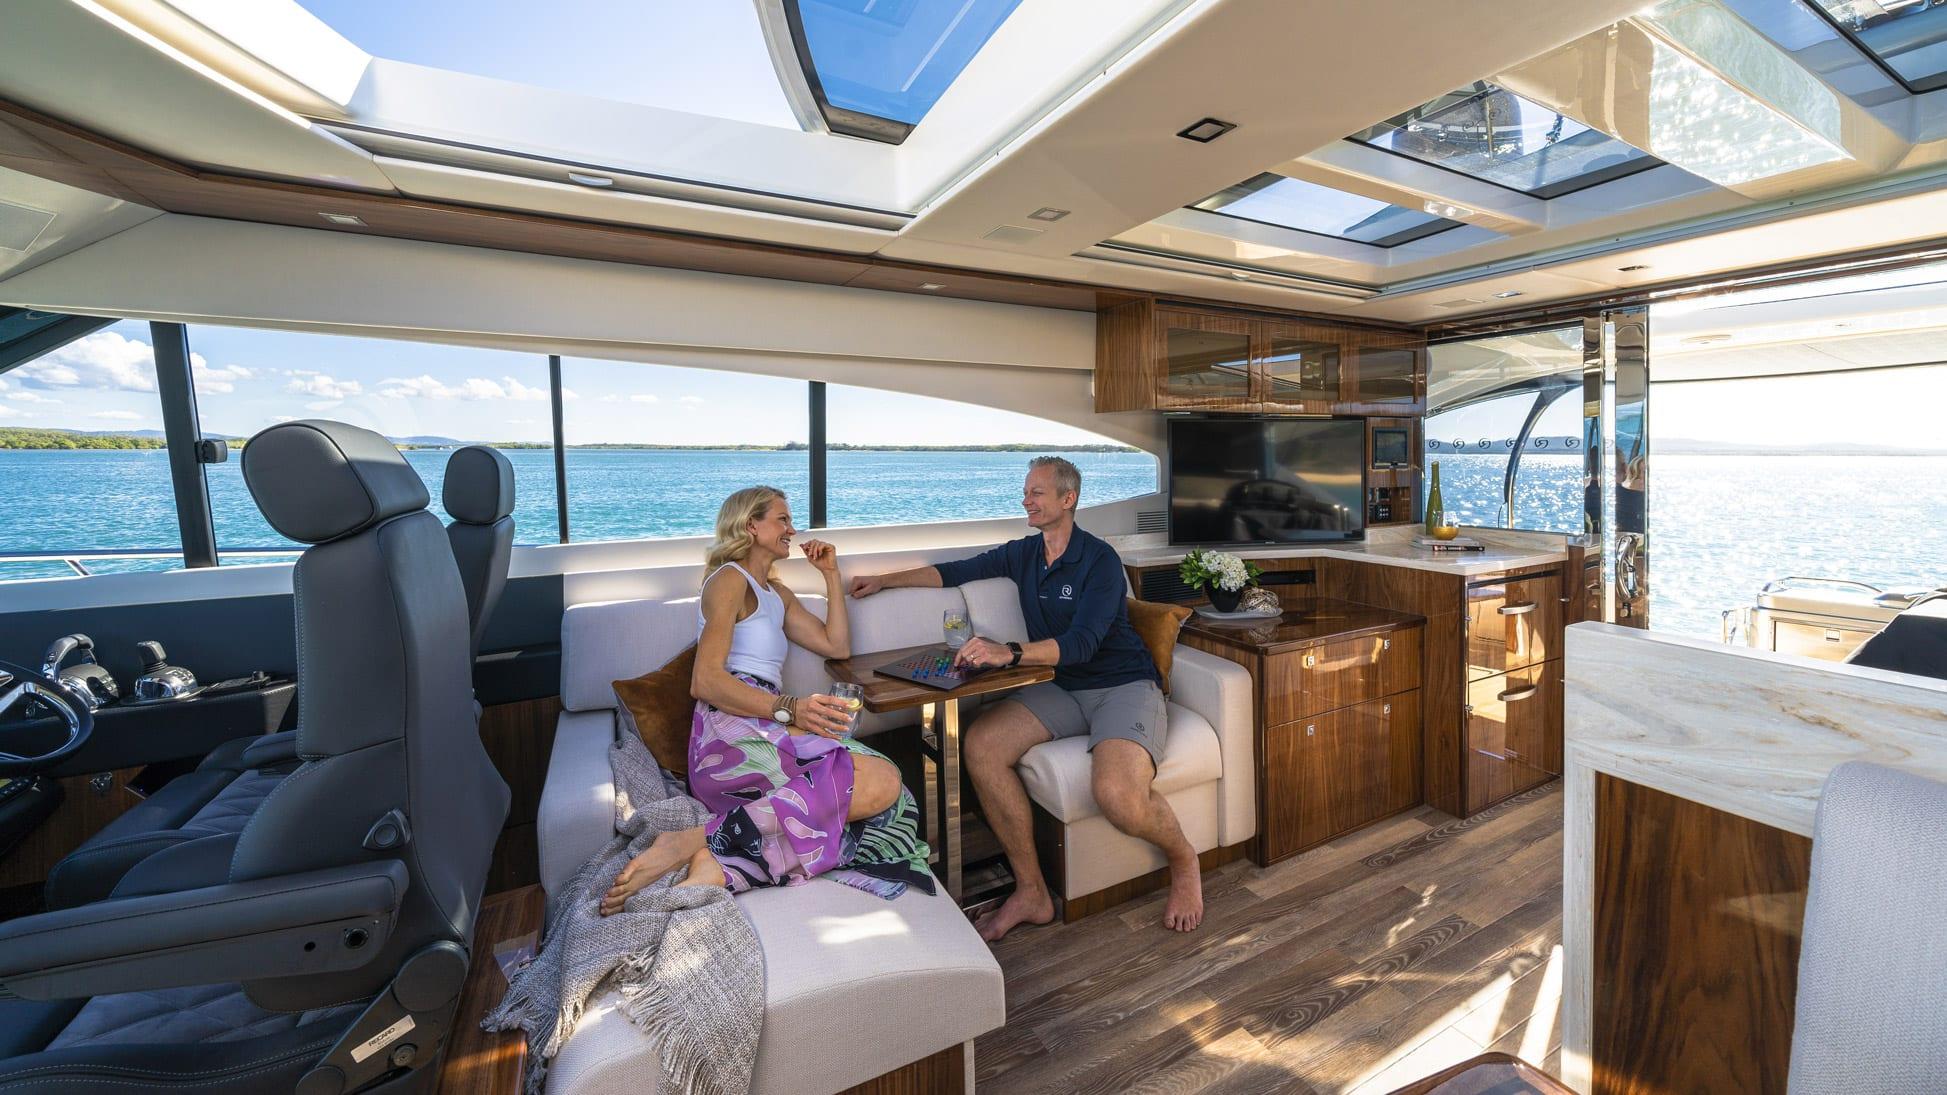 Riviera 6000 Sport Yacht Platinum Edition Lounge 02 – Gloss Walnut Timber Finish